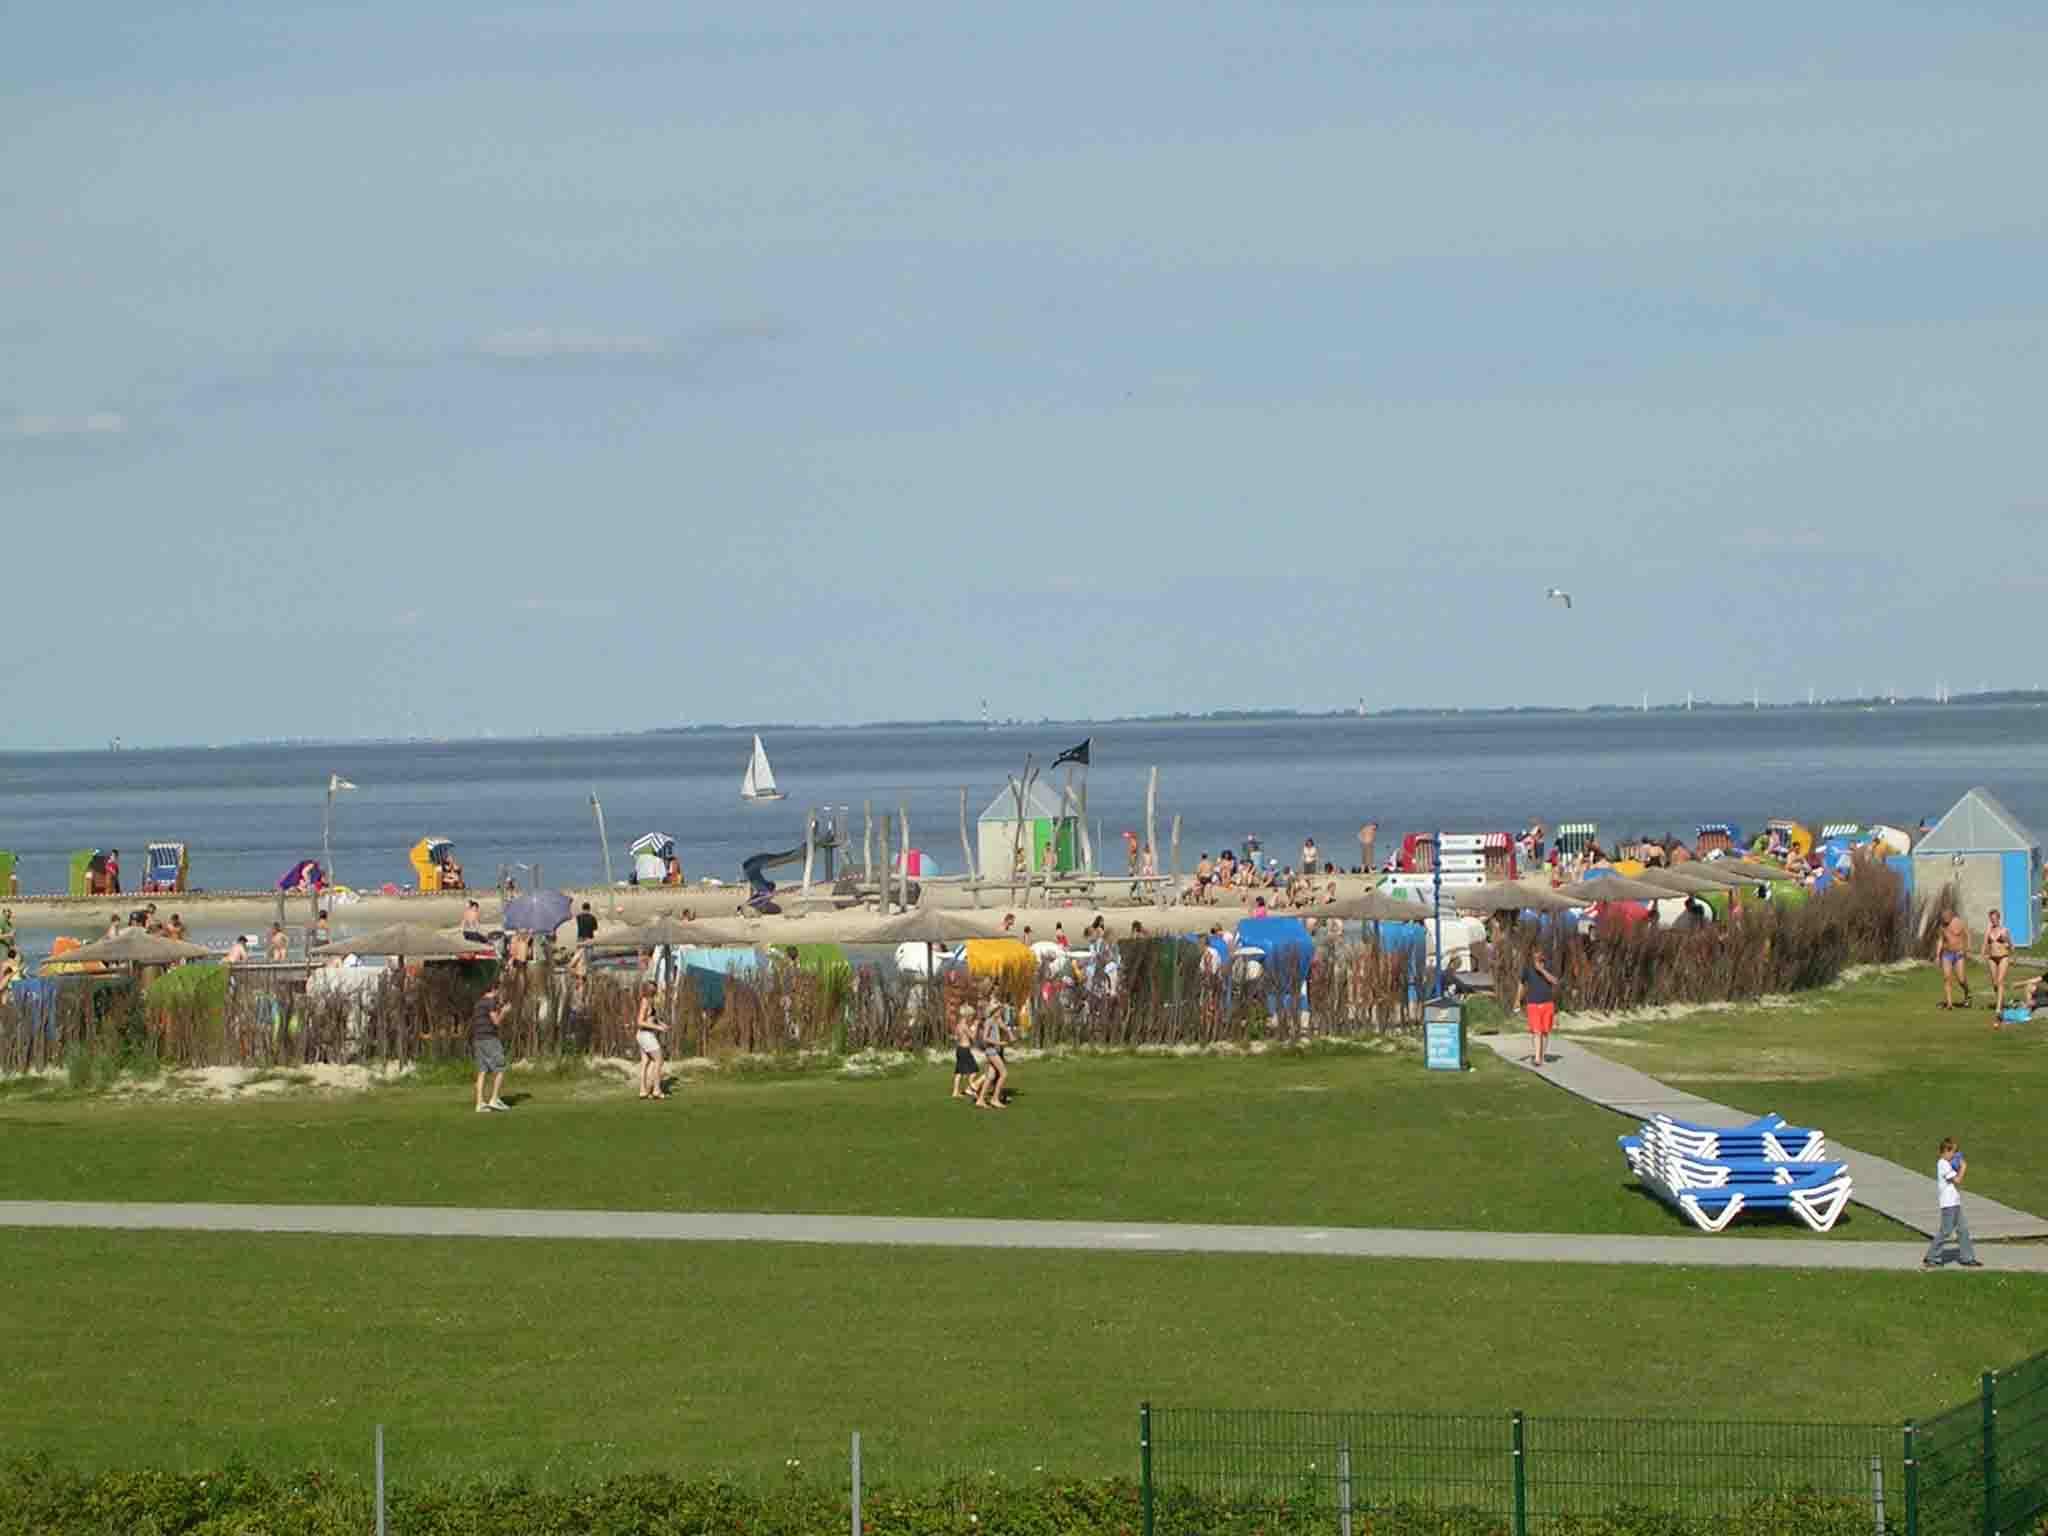 Der Eintritt in die Nordseelagune ist im Mietpreis der Wohnung ebenfalls inbegriffen.